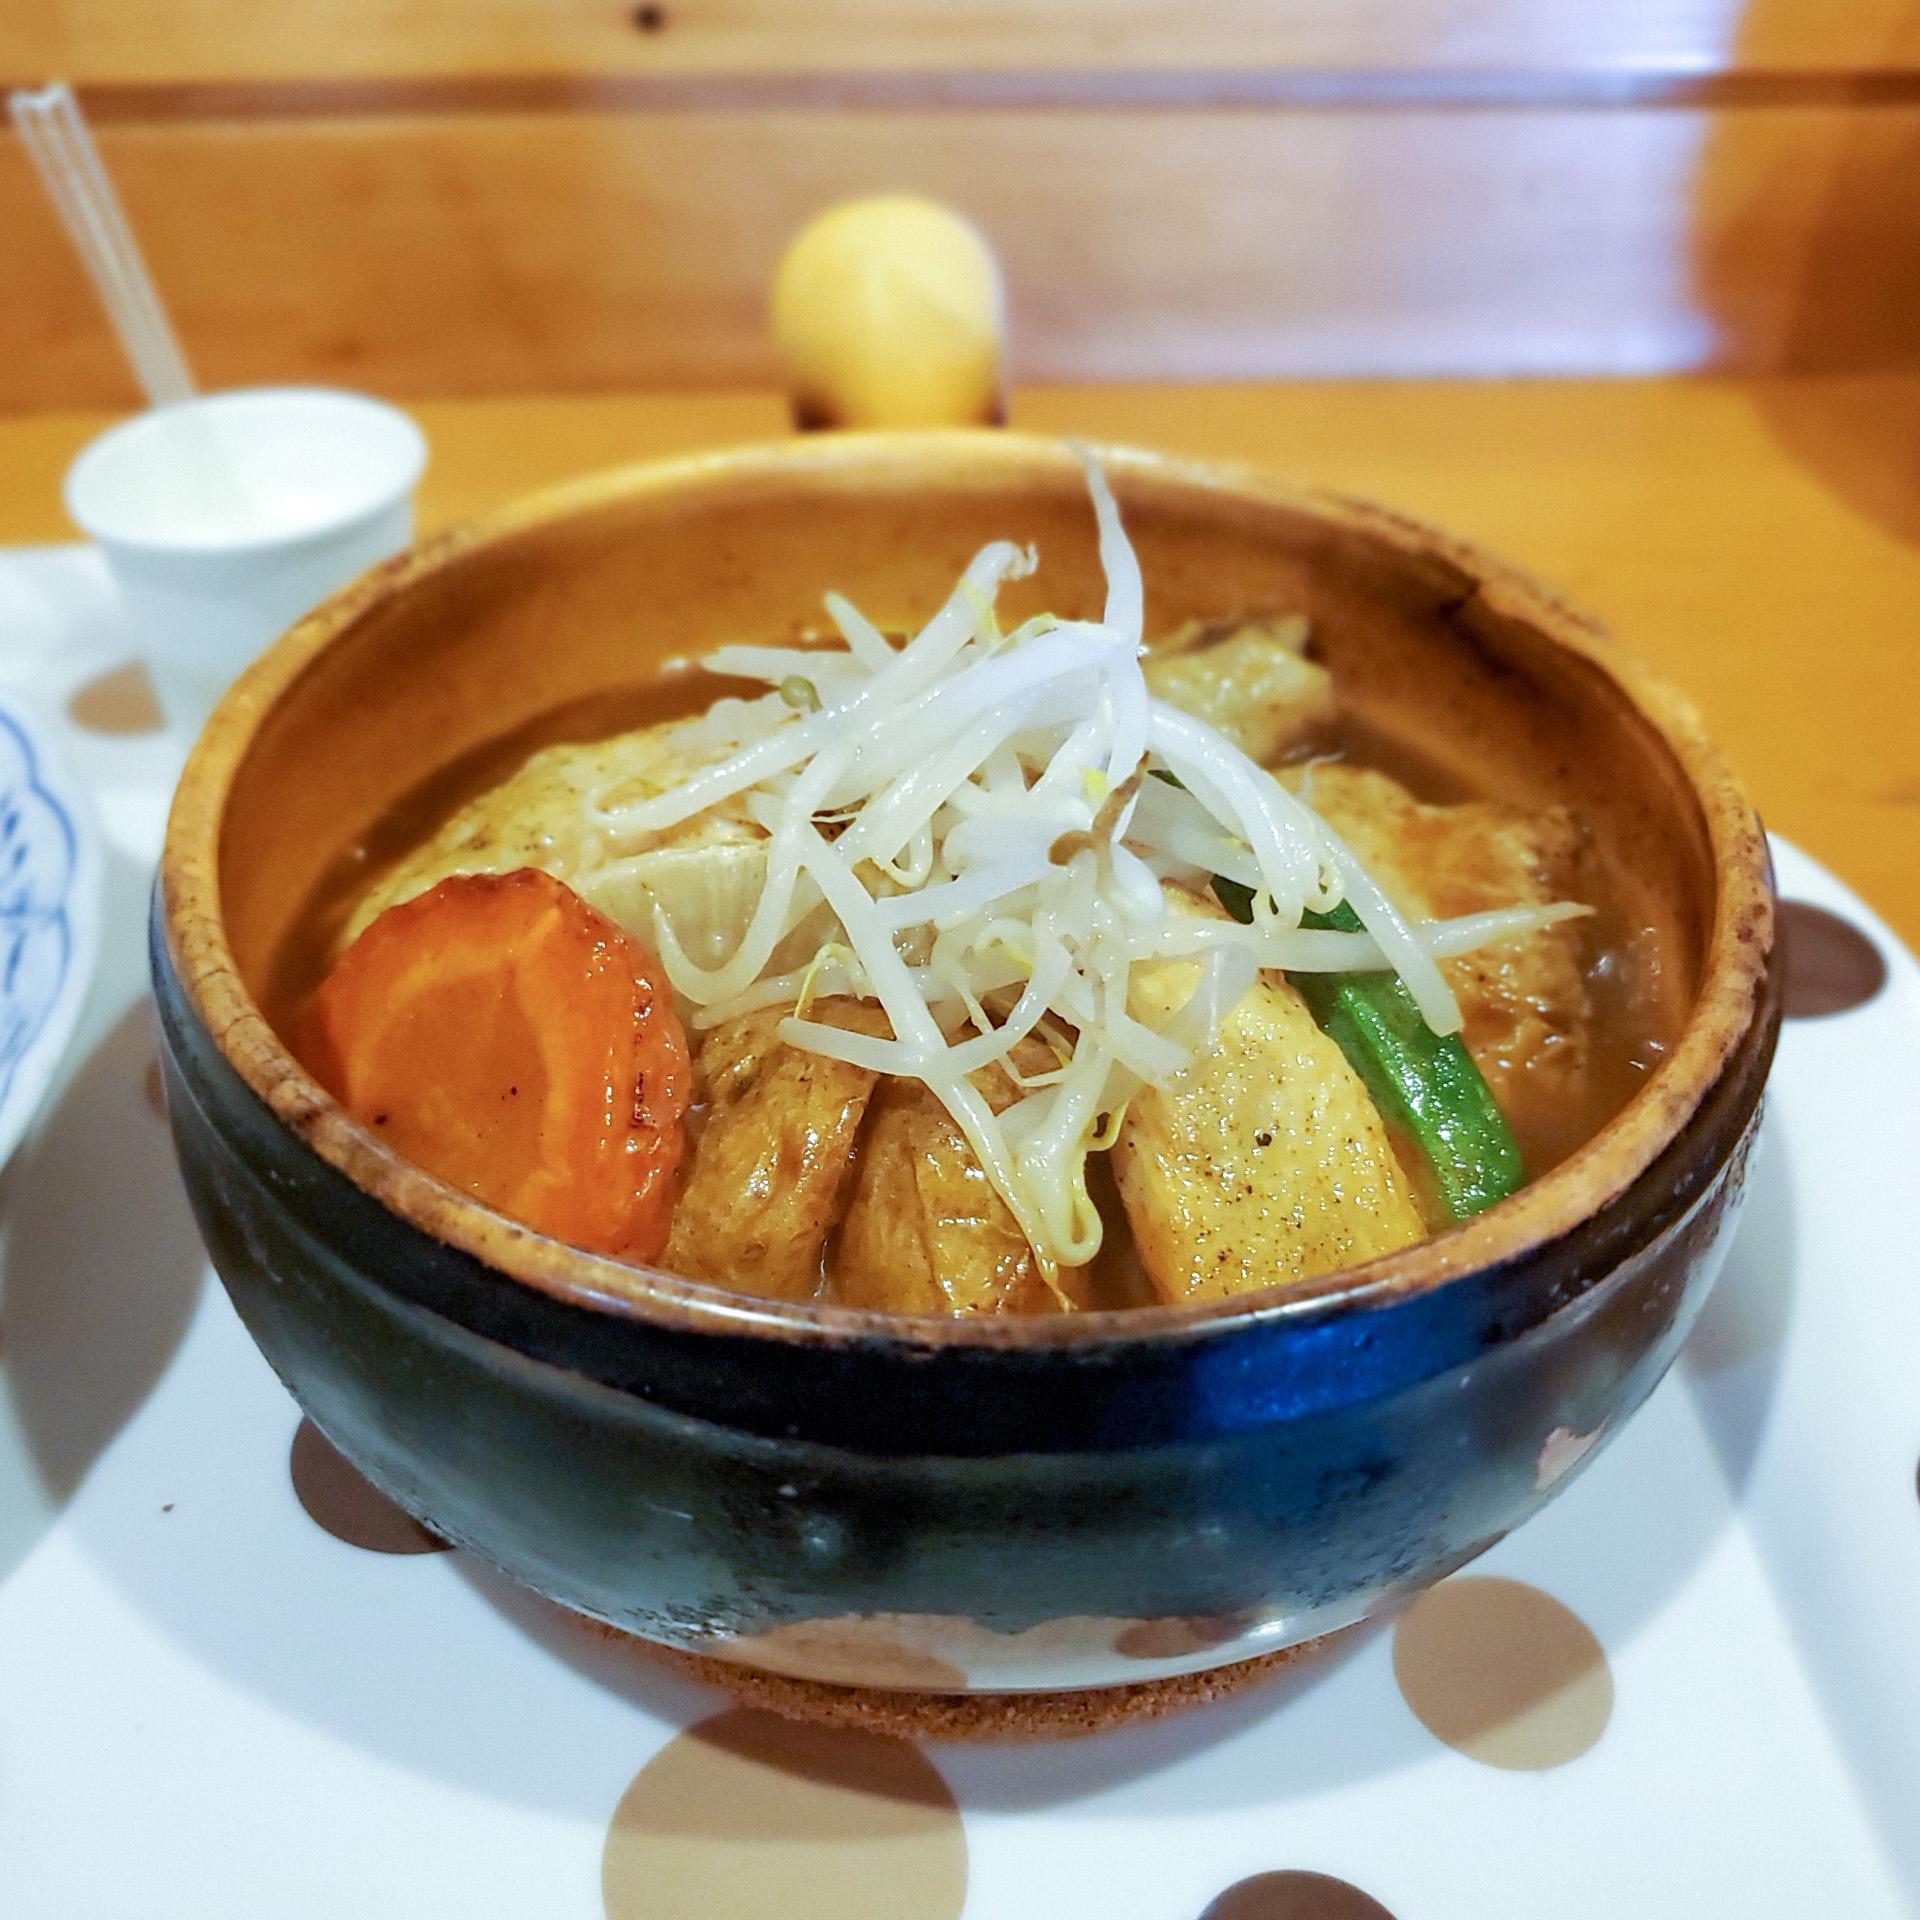 デリバリー専門店かと思ってました「Curry&Cafe グーニーズ 豊平店」 8